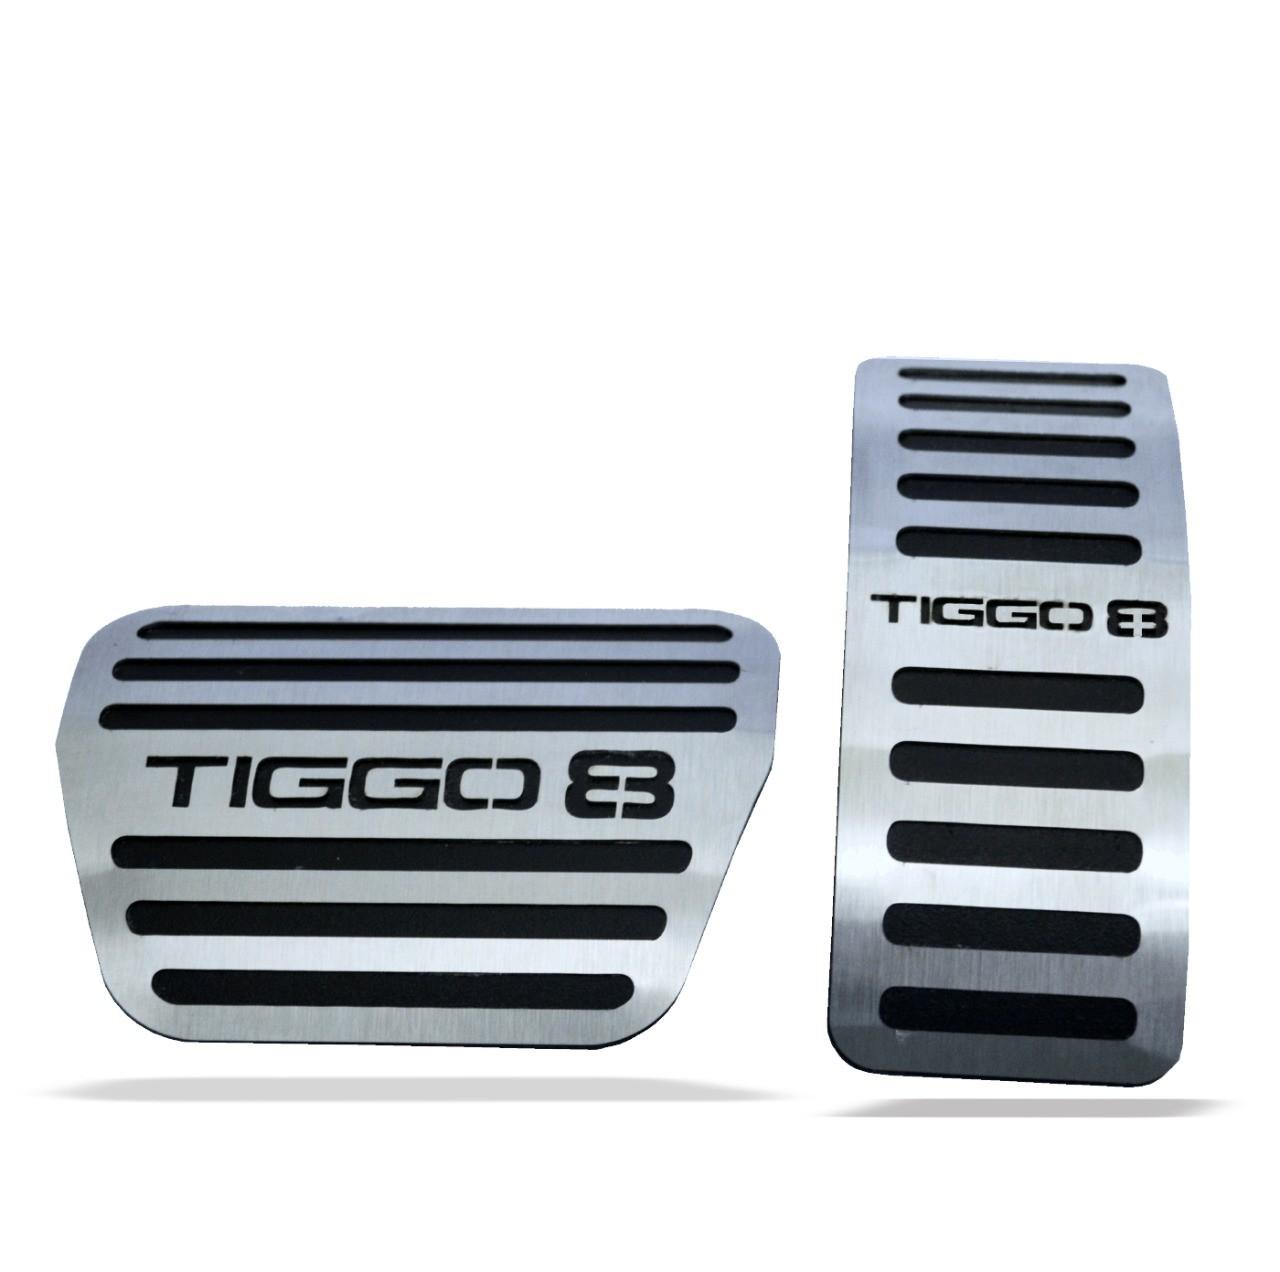 Soleira Resinada Premium Elegance + Descanso de Pé + Pedaleira em Aço Inox Tiggo 8